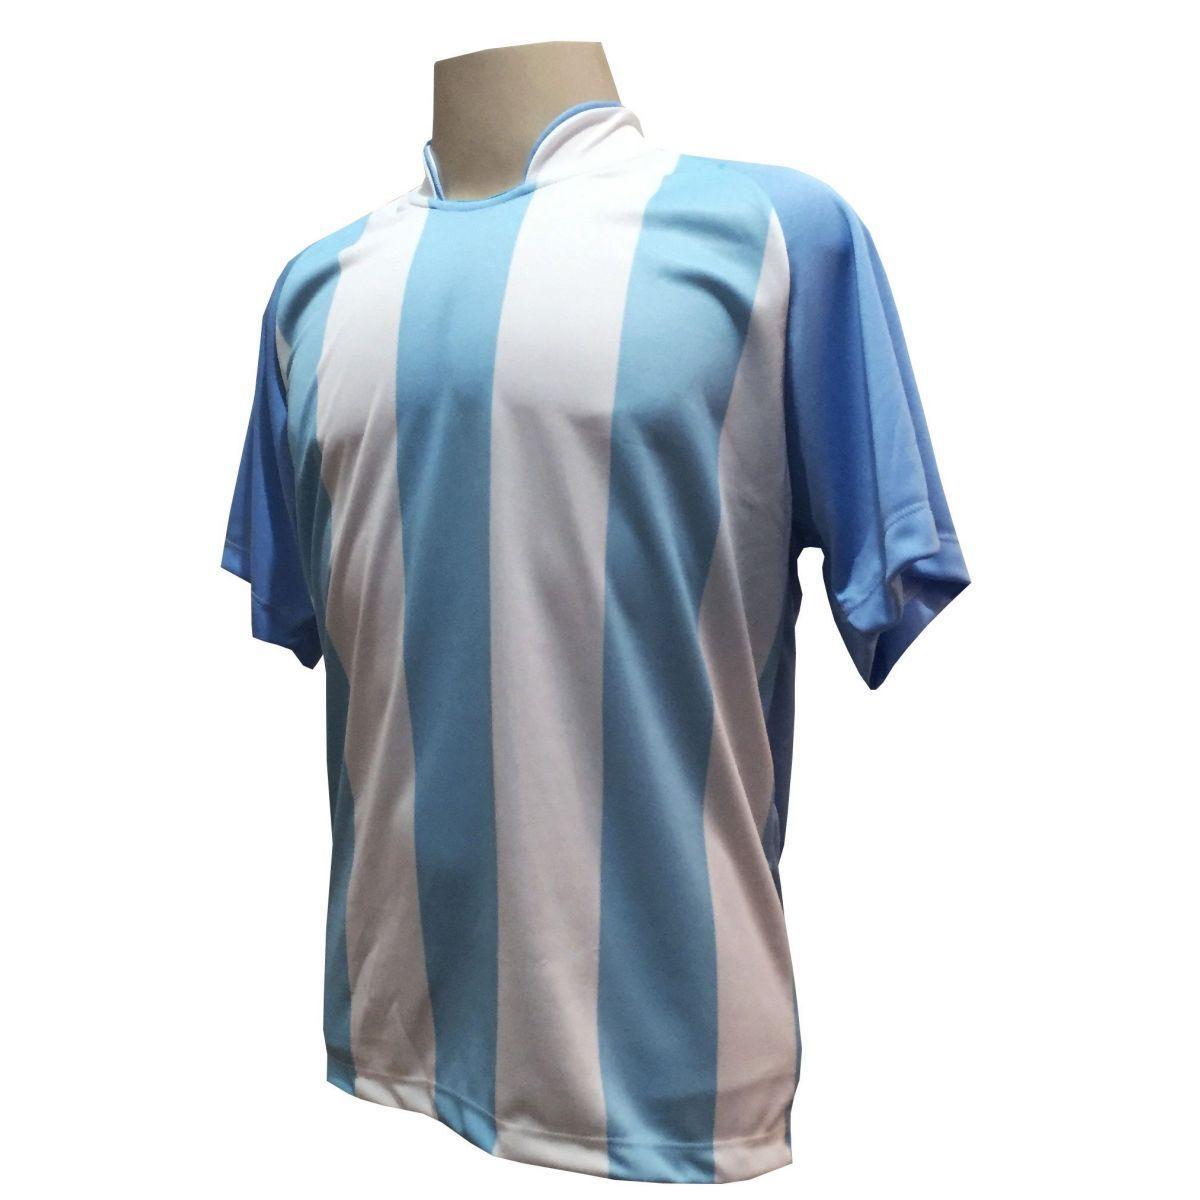 ac698bff92 Uniforme Esportivo com 20 camisas modelo Milan Celeste Branco + 20 calções  modelo Madrid + 1 Goleiro + Brindes - Play fair - Futebol - Magazine Luiza